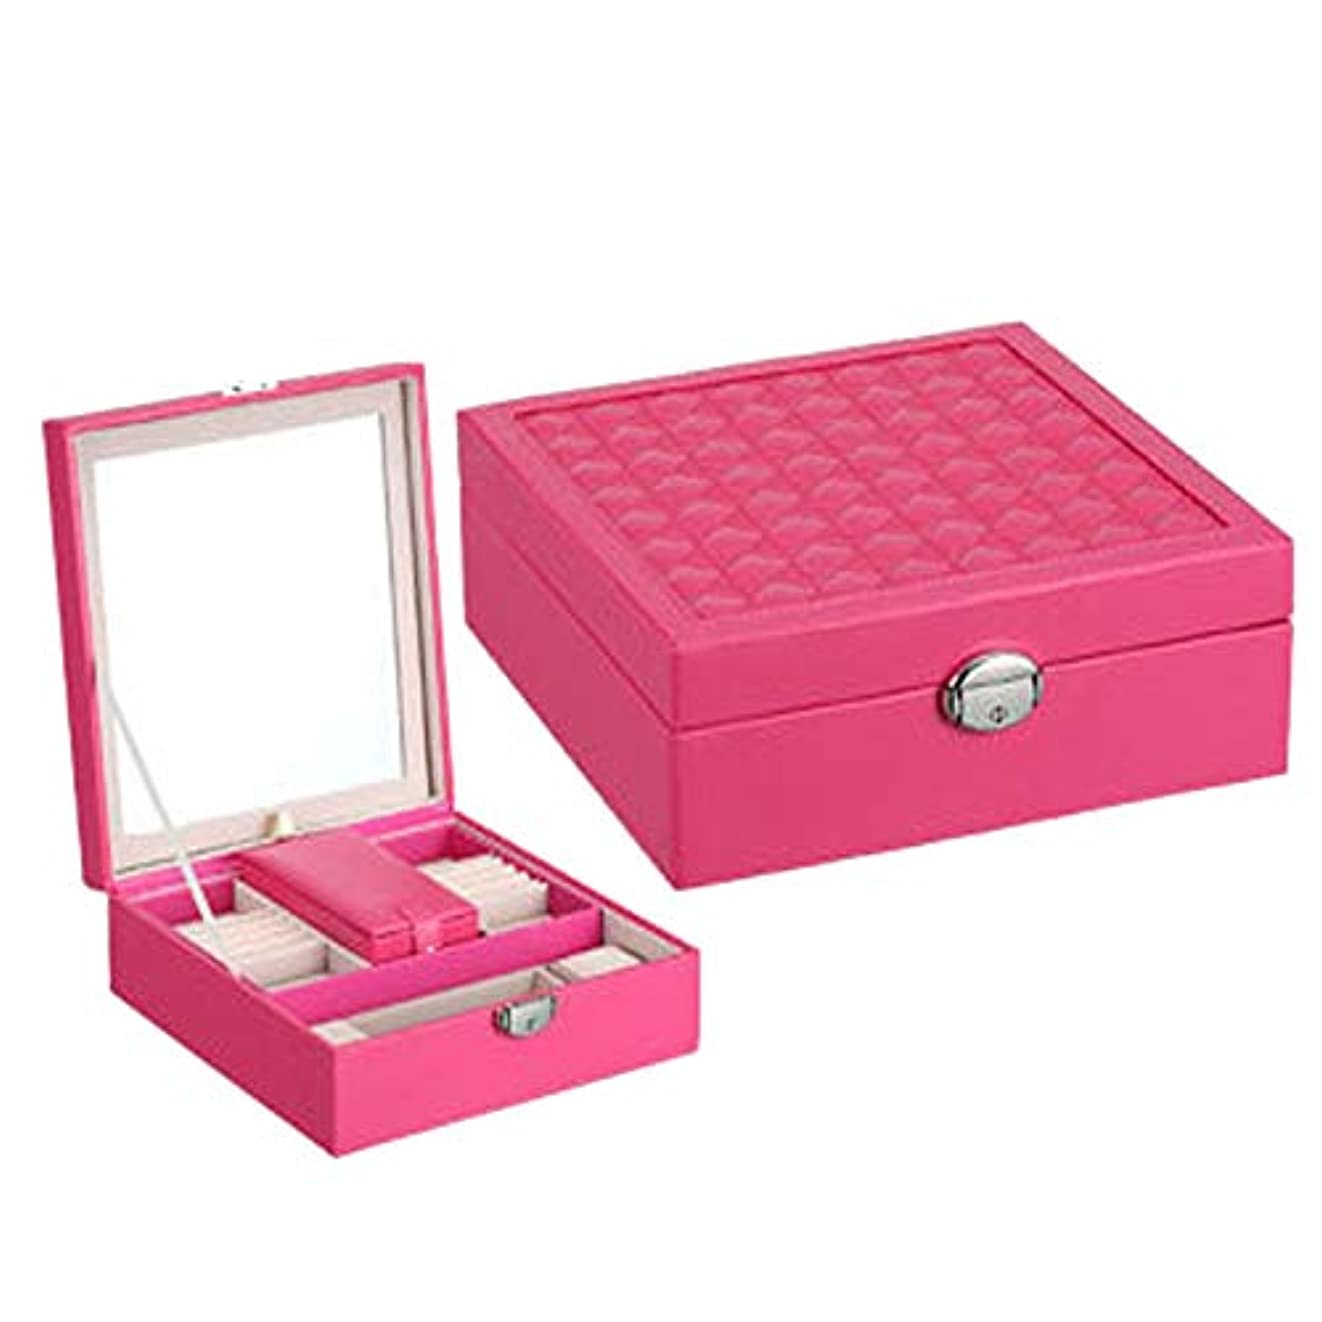 カスタムイタリックコック化粧オーガナイザーバッグ 小さなアイテムのストレージのための丈夫な女性のジュエリーの収納ボックス 化粧品ケース (色 : ローズレッド)